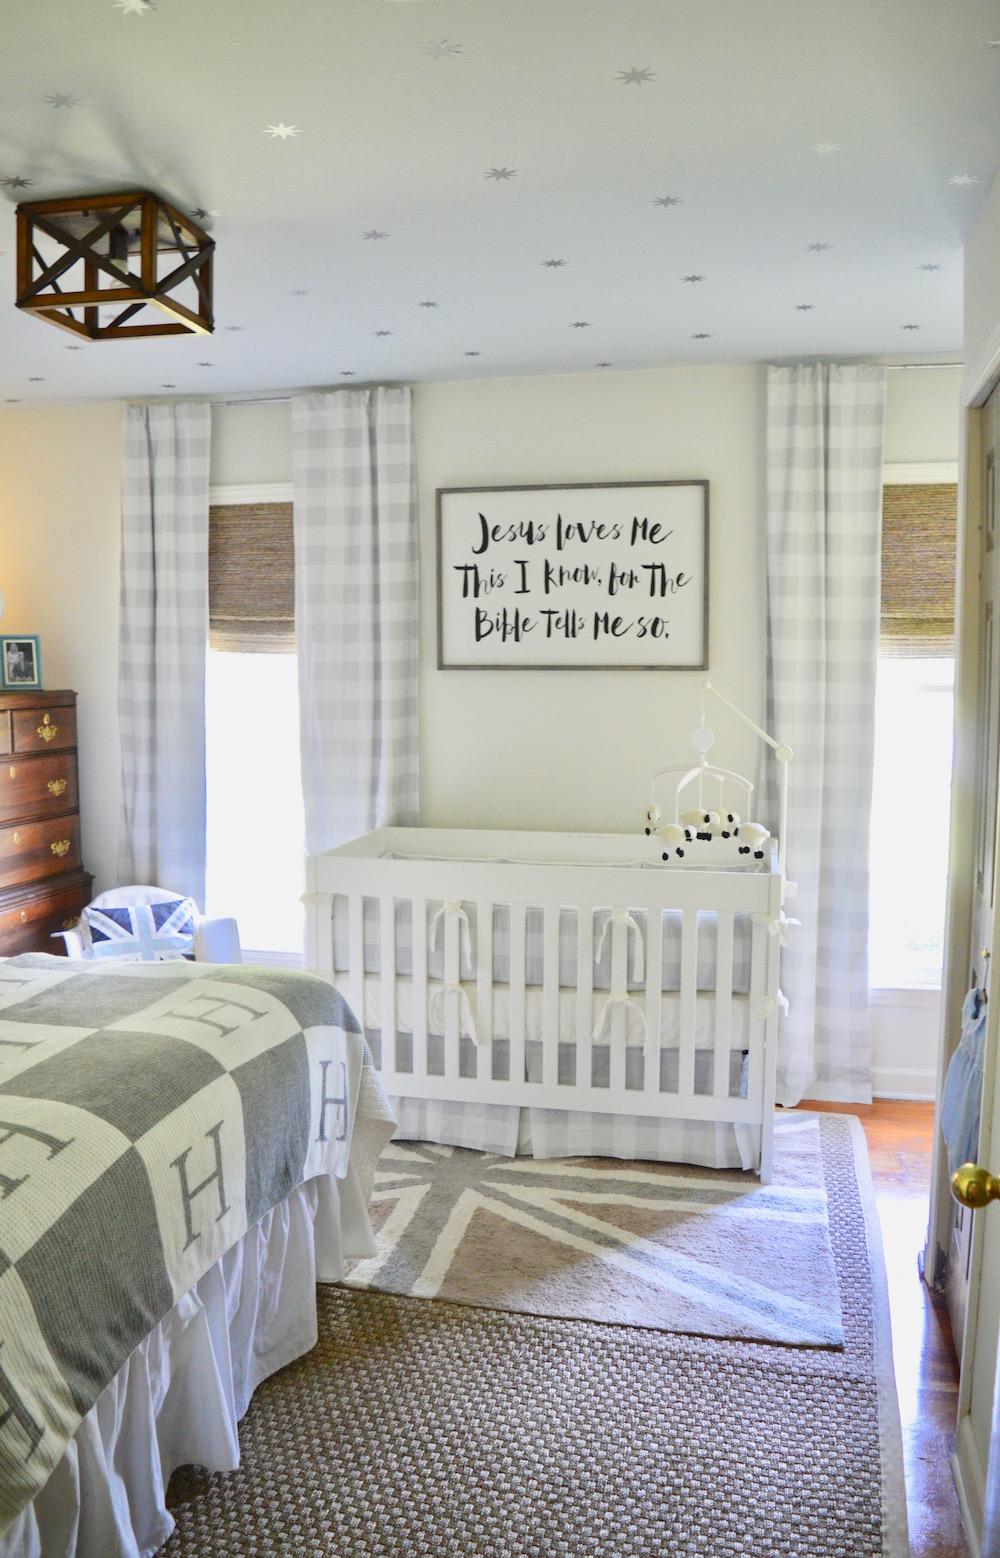 Give Me a Home Where the Buffalo Check Roams  Project Nursery